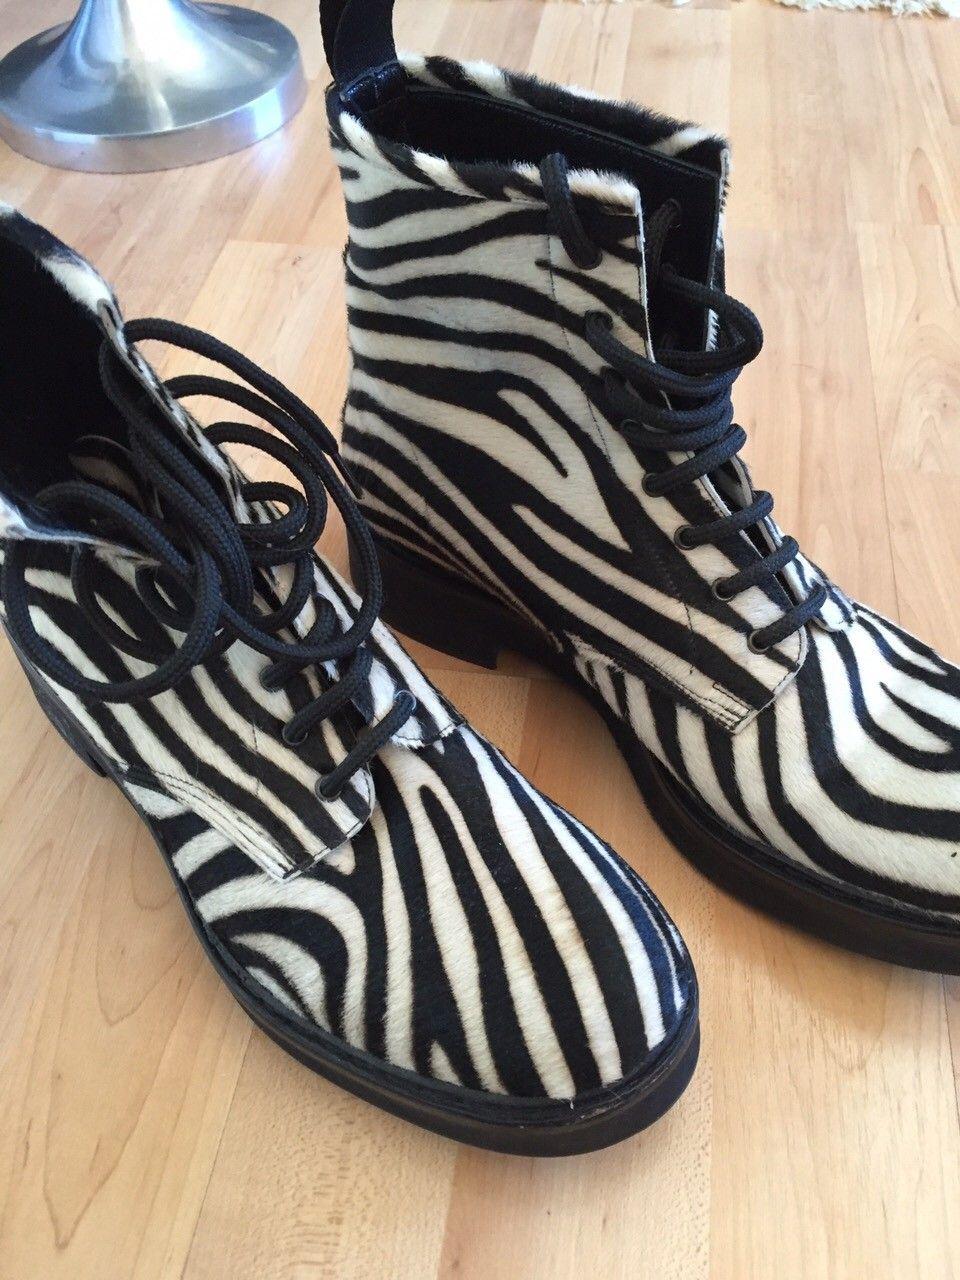 Designer sko (dame) fra Enrico Antinori  str 39 - KOM MED BUD! - Lillestrøm  - Designer damesko fra Italia, Enrico Antinori. Ny pris 3498. Skoene er av ekte skinn/pels og er kun brukt en gang. Fremstår som nye.  Selges til hbo - kom med bud! - Lillestrøm